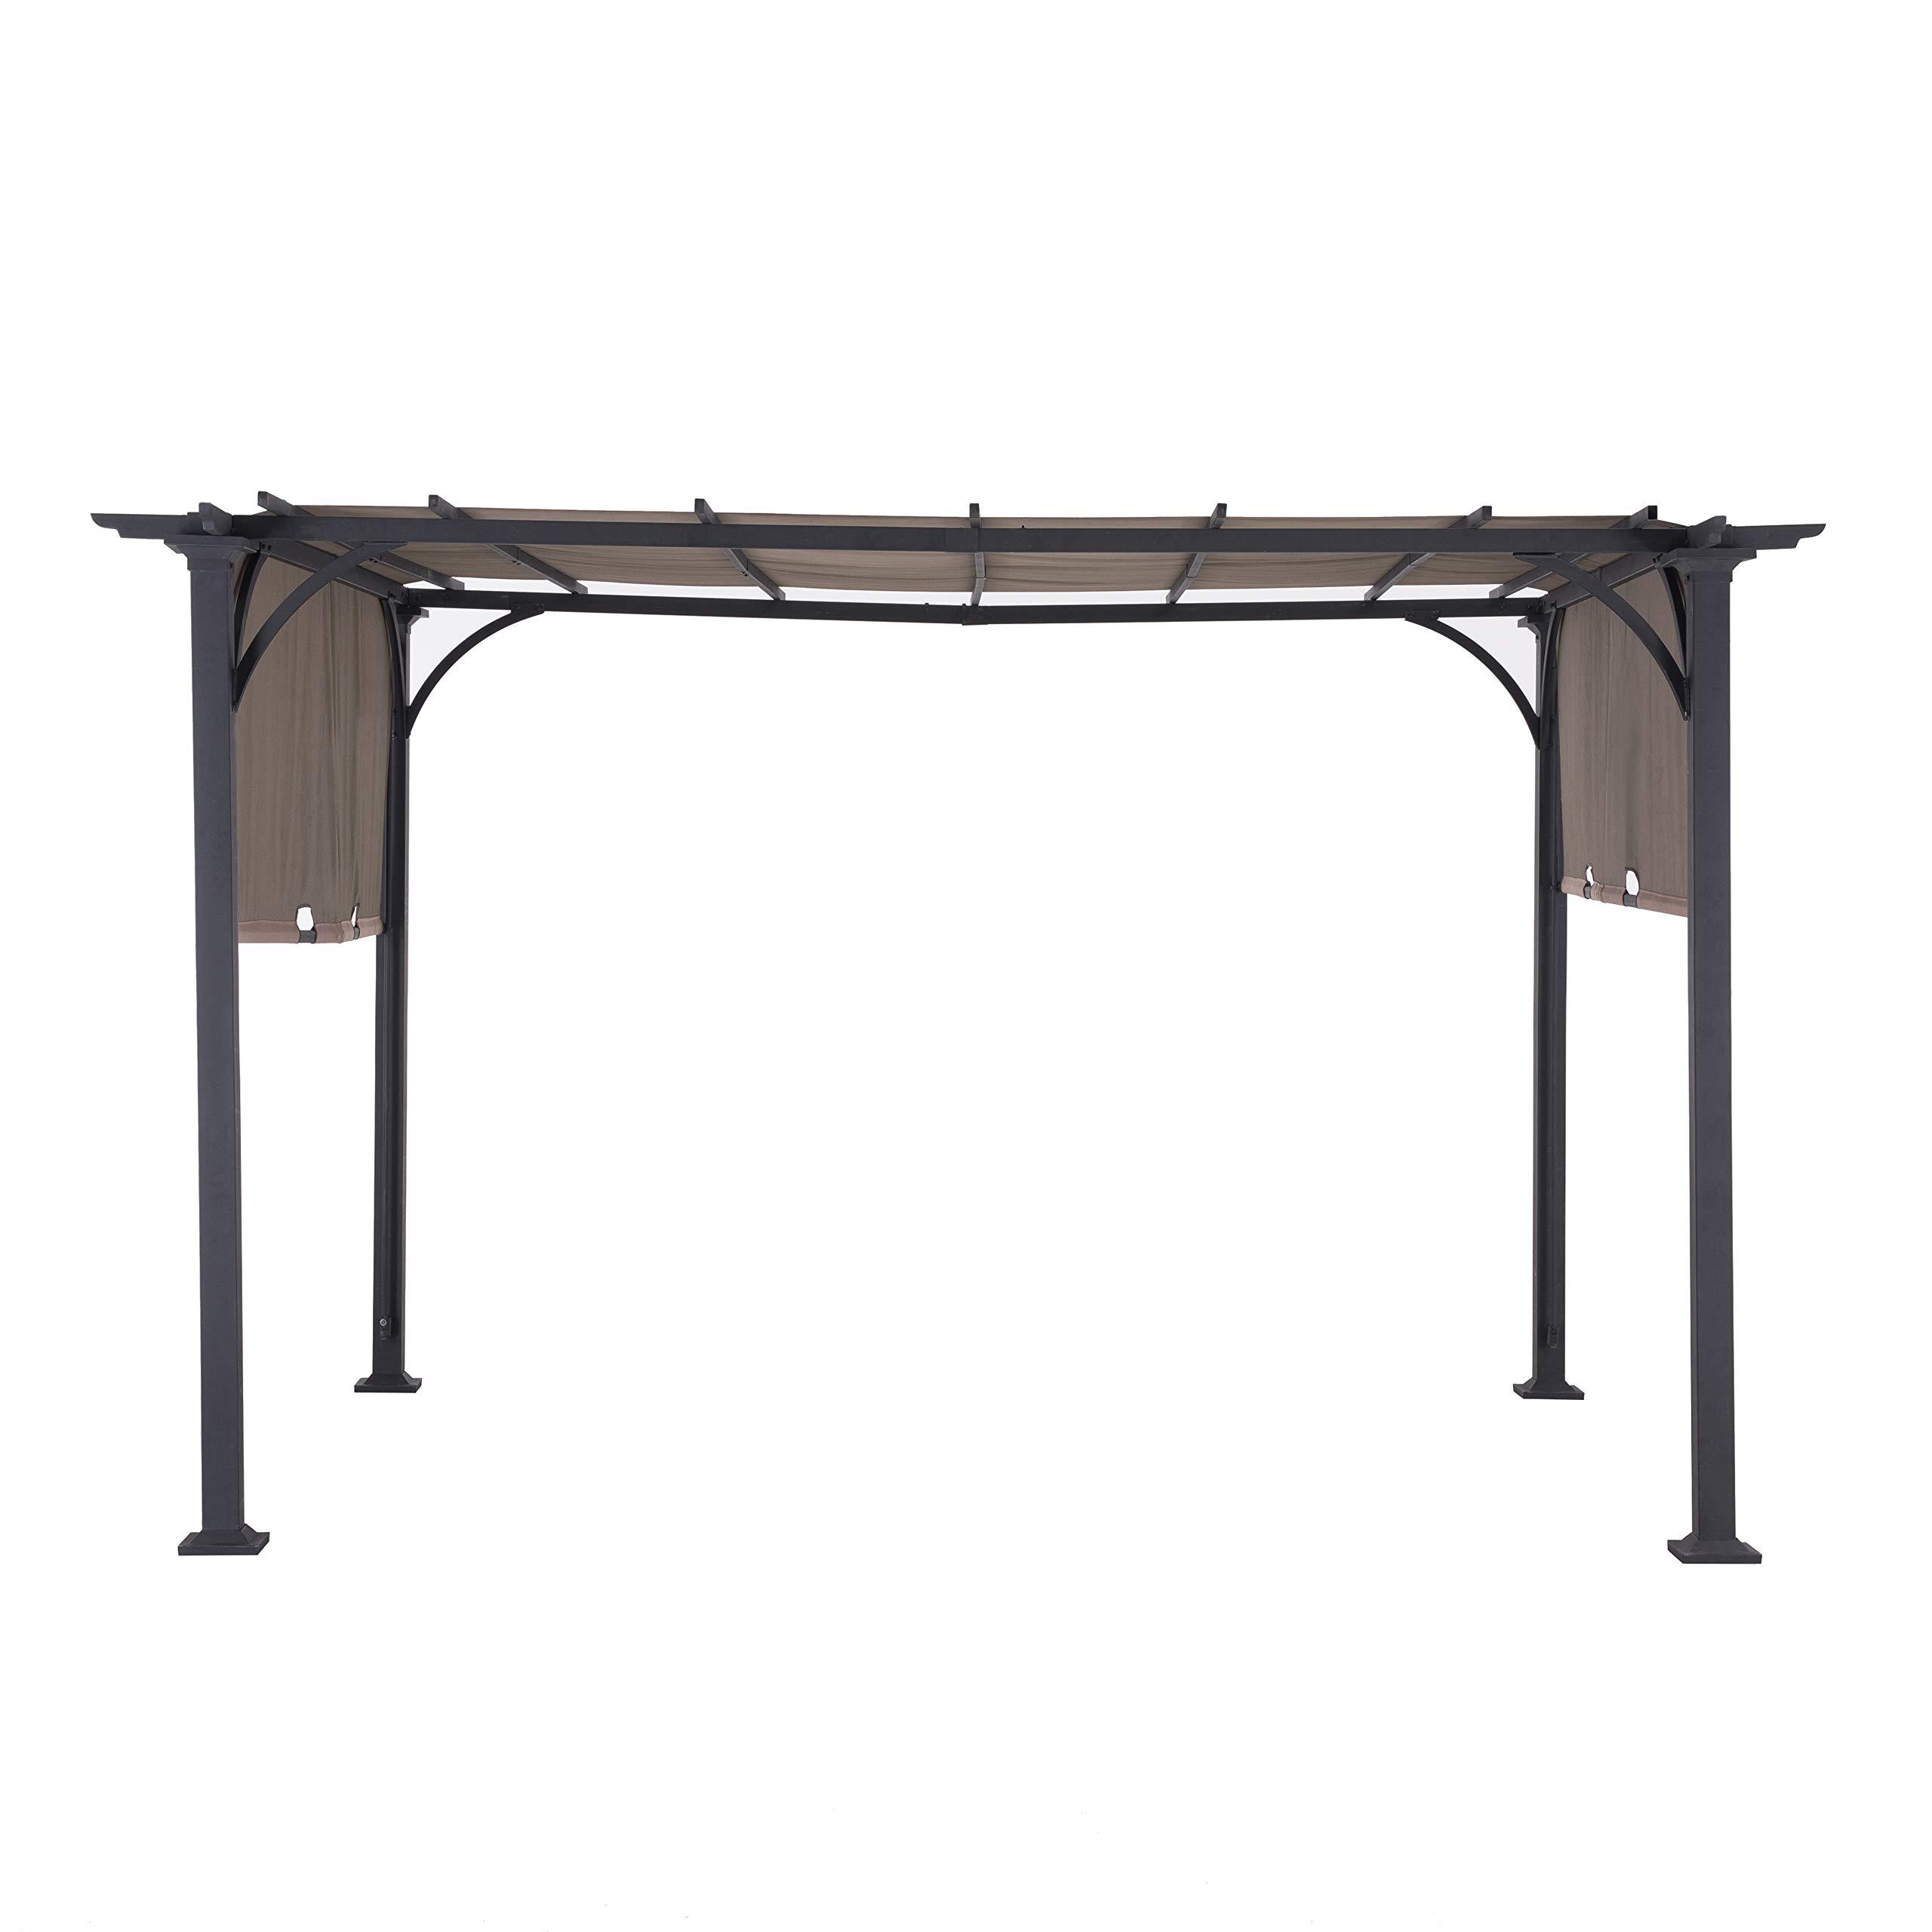 Sunjoy 110105002 Doubleton Pergola with Canopy, 8' x 10', Steel Patio Shade Gazebo 8 x 10 FT, Brown